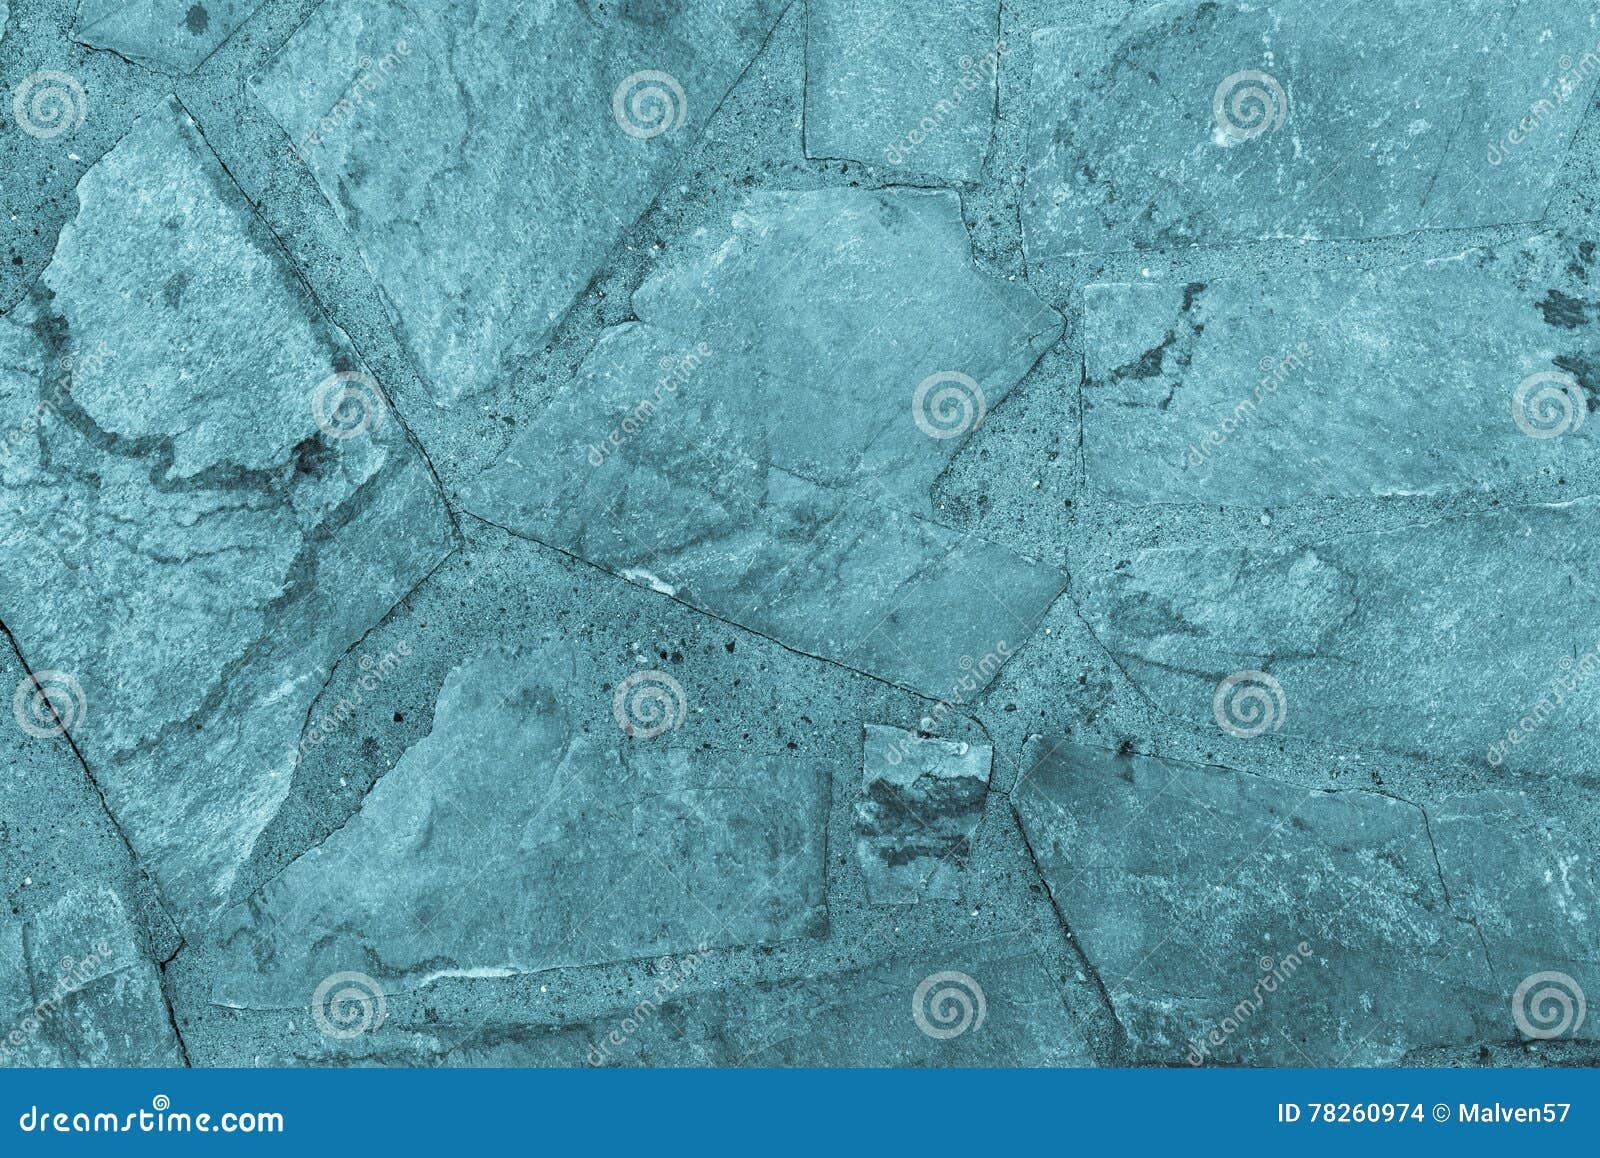 Αφηρημένο κατασκευασμένο υπόβαθρο ενός μπλε χρώματος κεραμιδιών πετρών